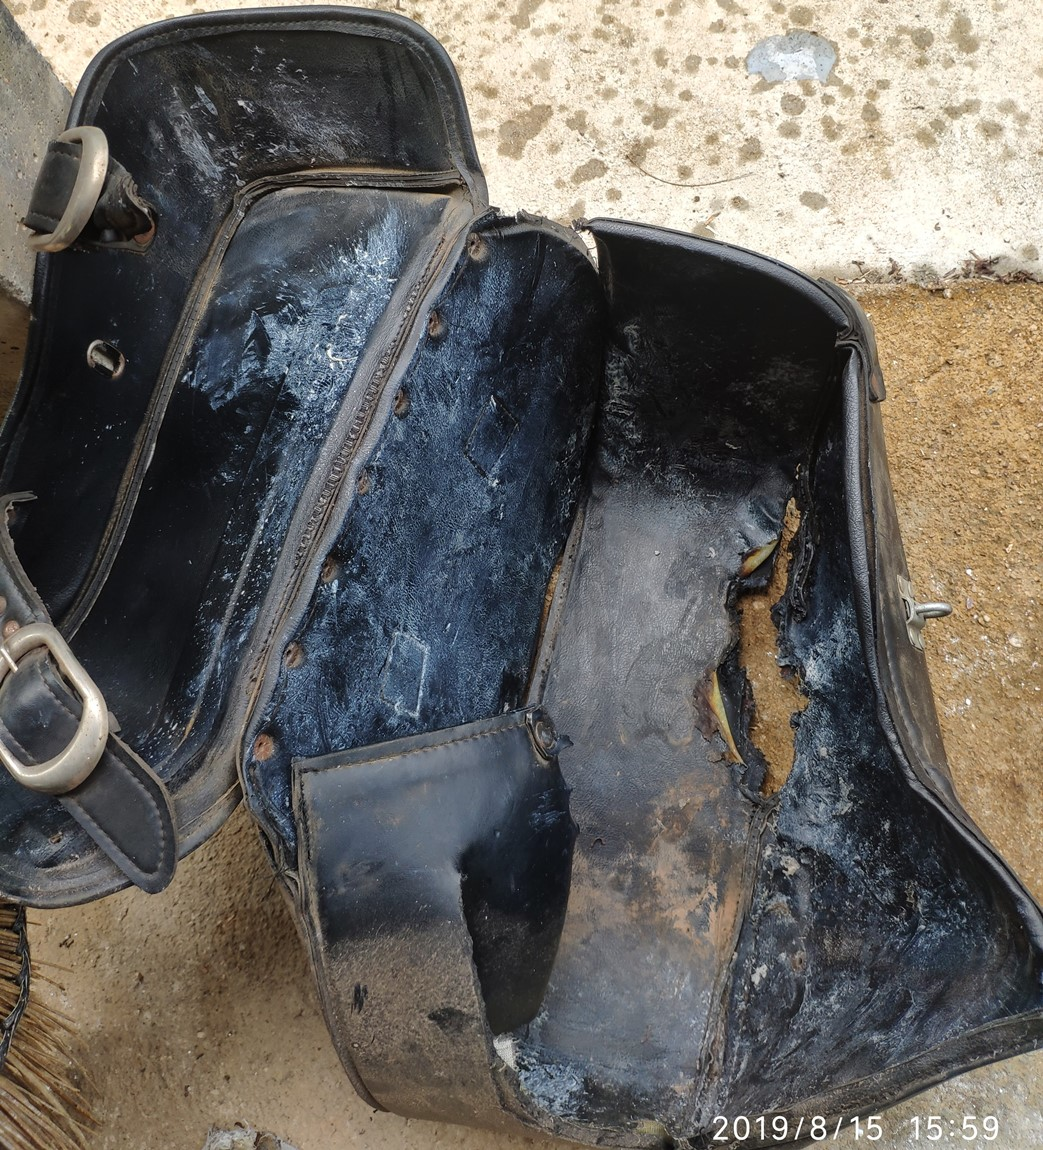 wd-40-saddled-bag.